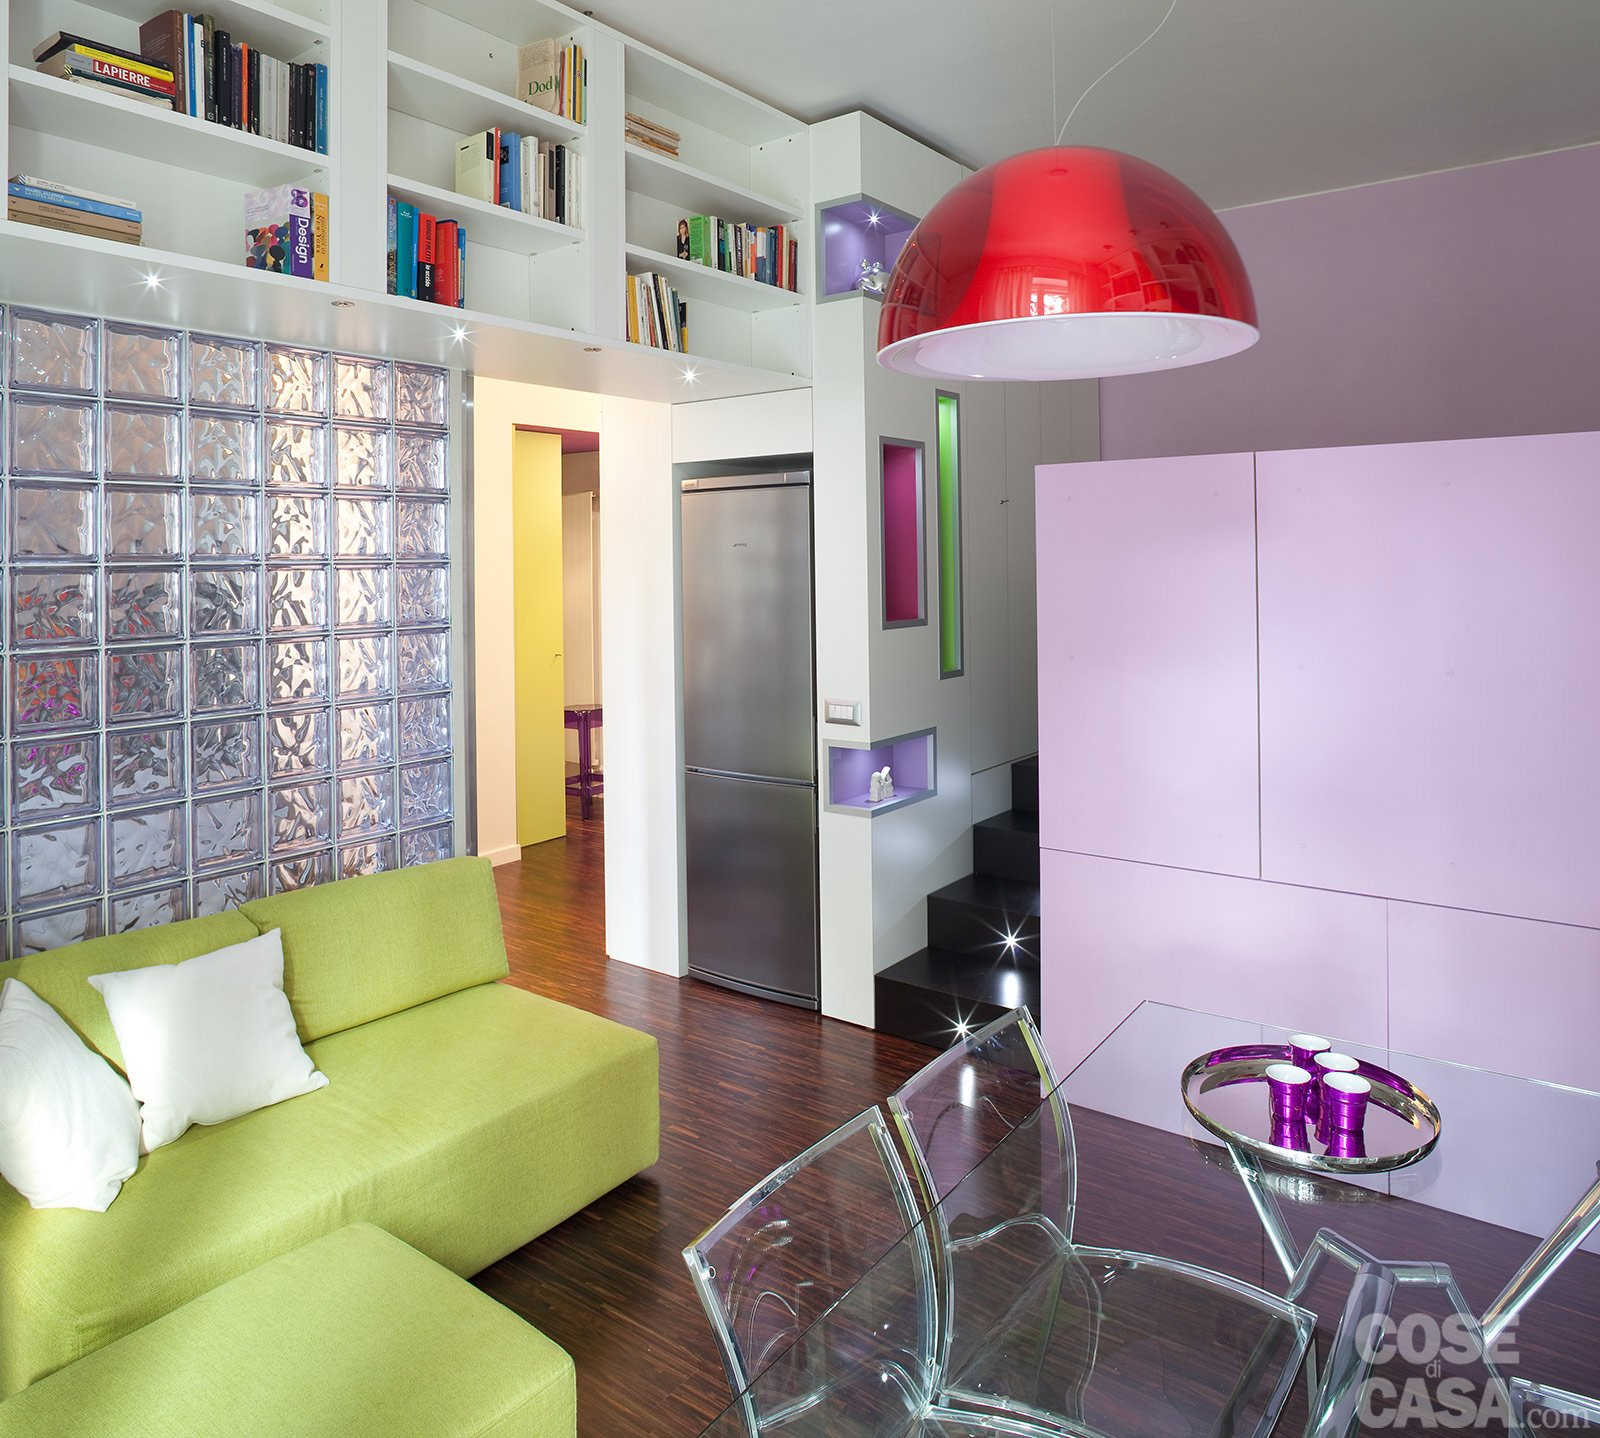 Una Casa Di 40 Mq: Monolocale Con Cucina Separata Cose Di Casa #898F3C 1600 1438 Come Arredare Cucina Soggiorno Di 20 Mq